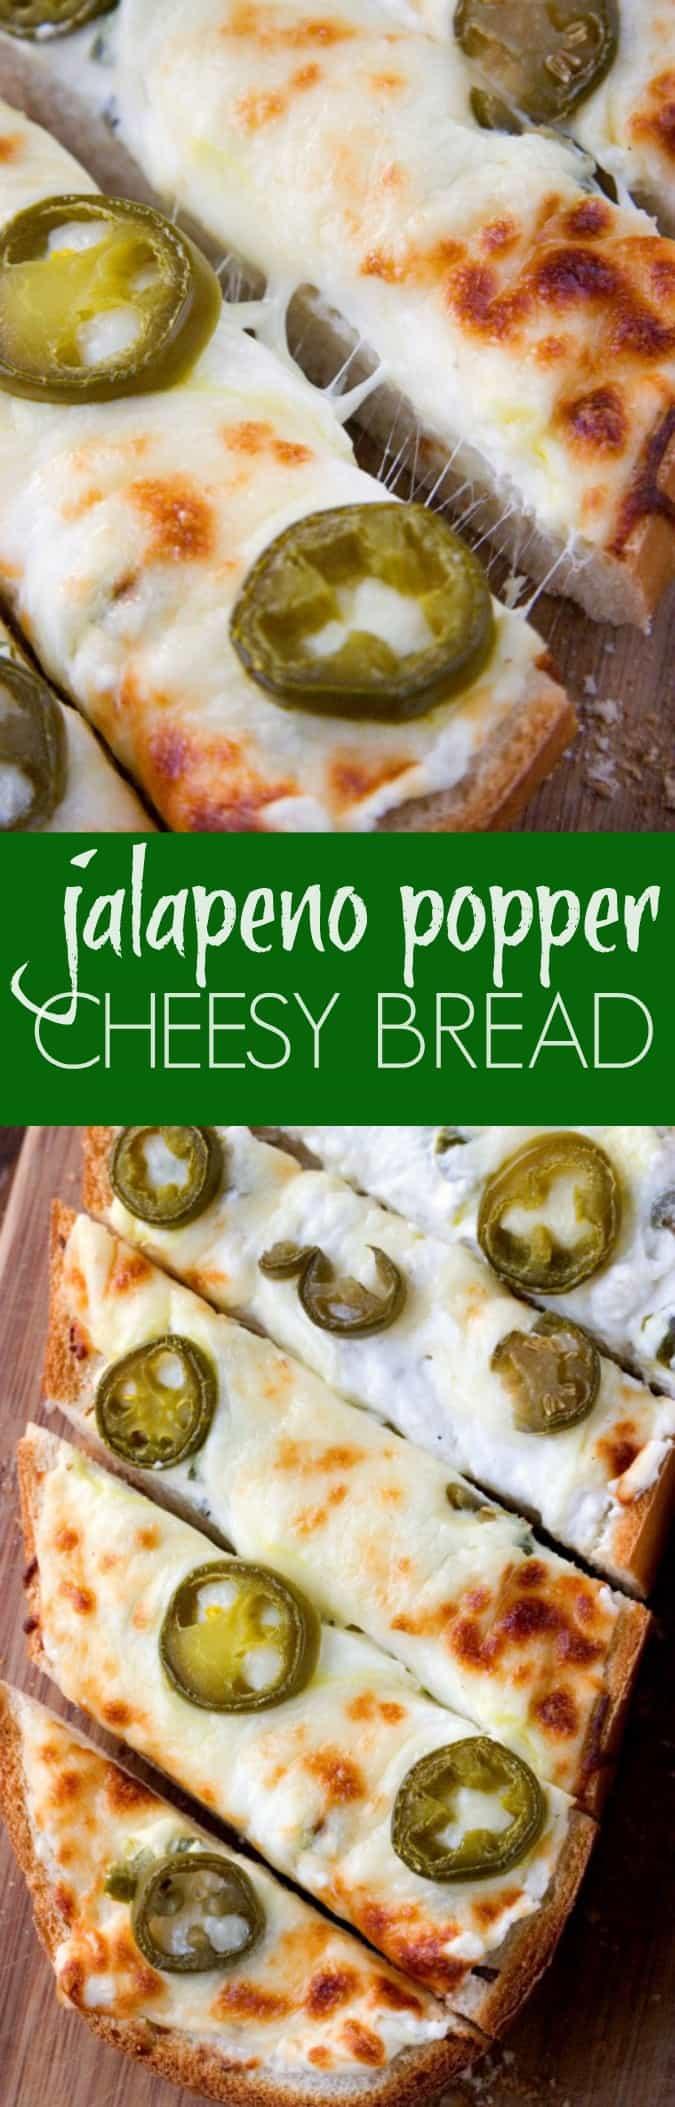 jalapeno popper cheesy bread long Jalapeno Popper Cheesy Garlic Bread